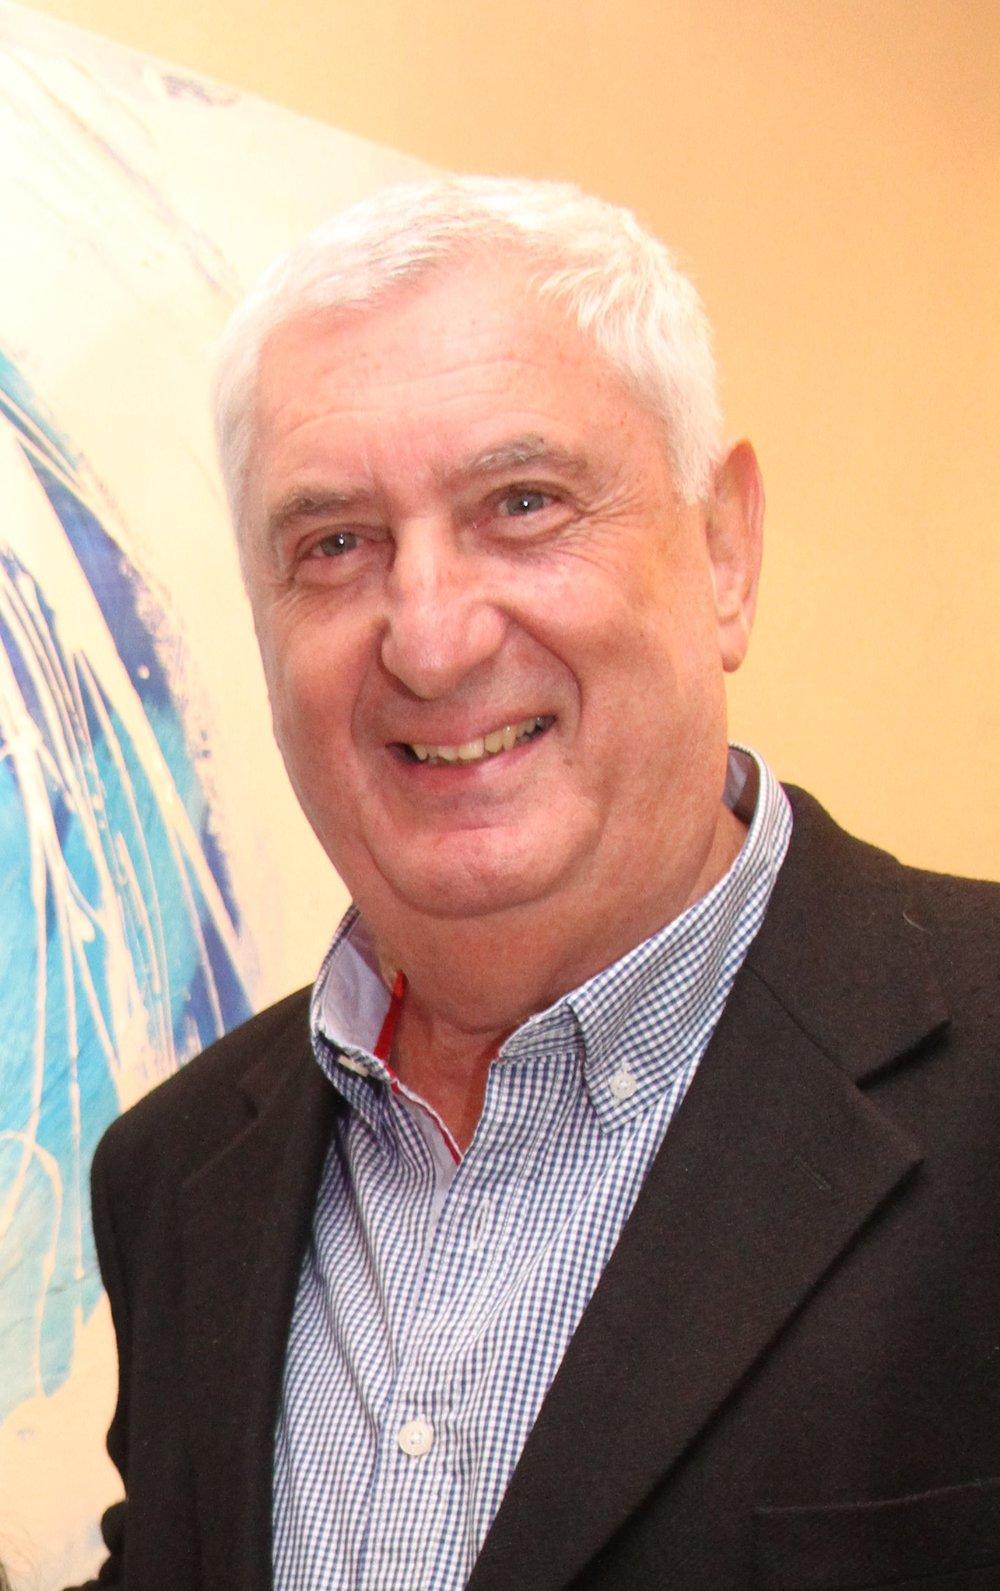 Alan Ipp -Non-executive